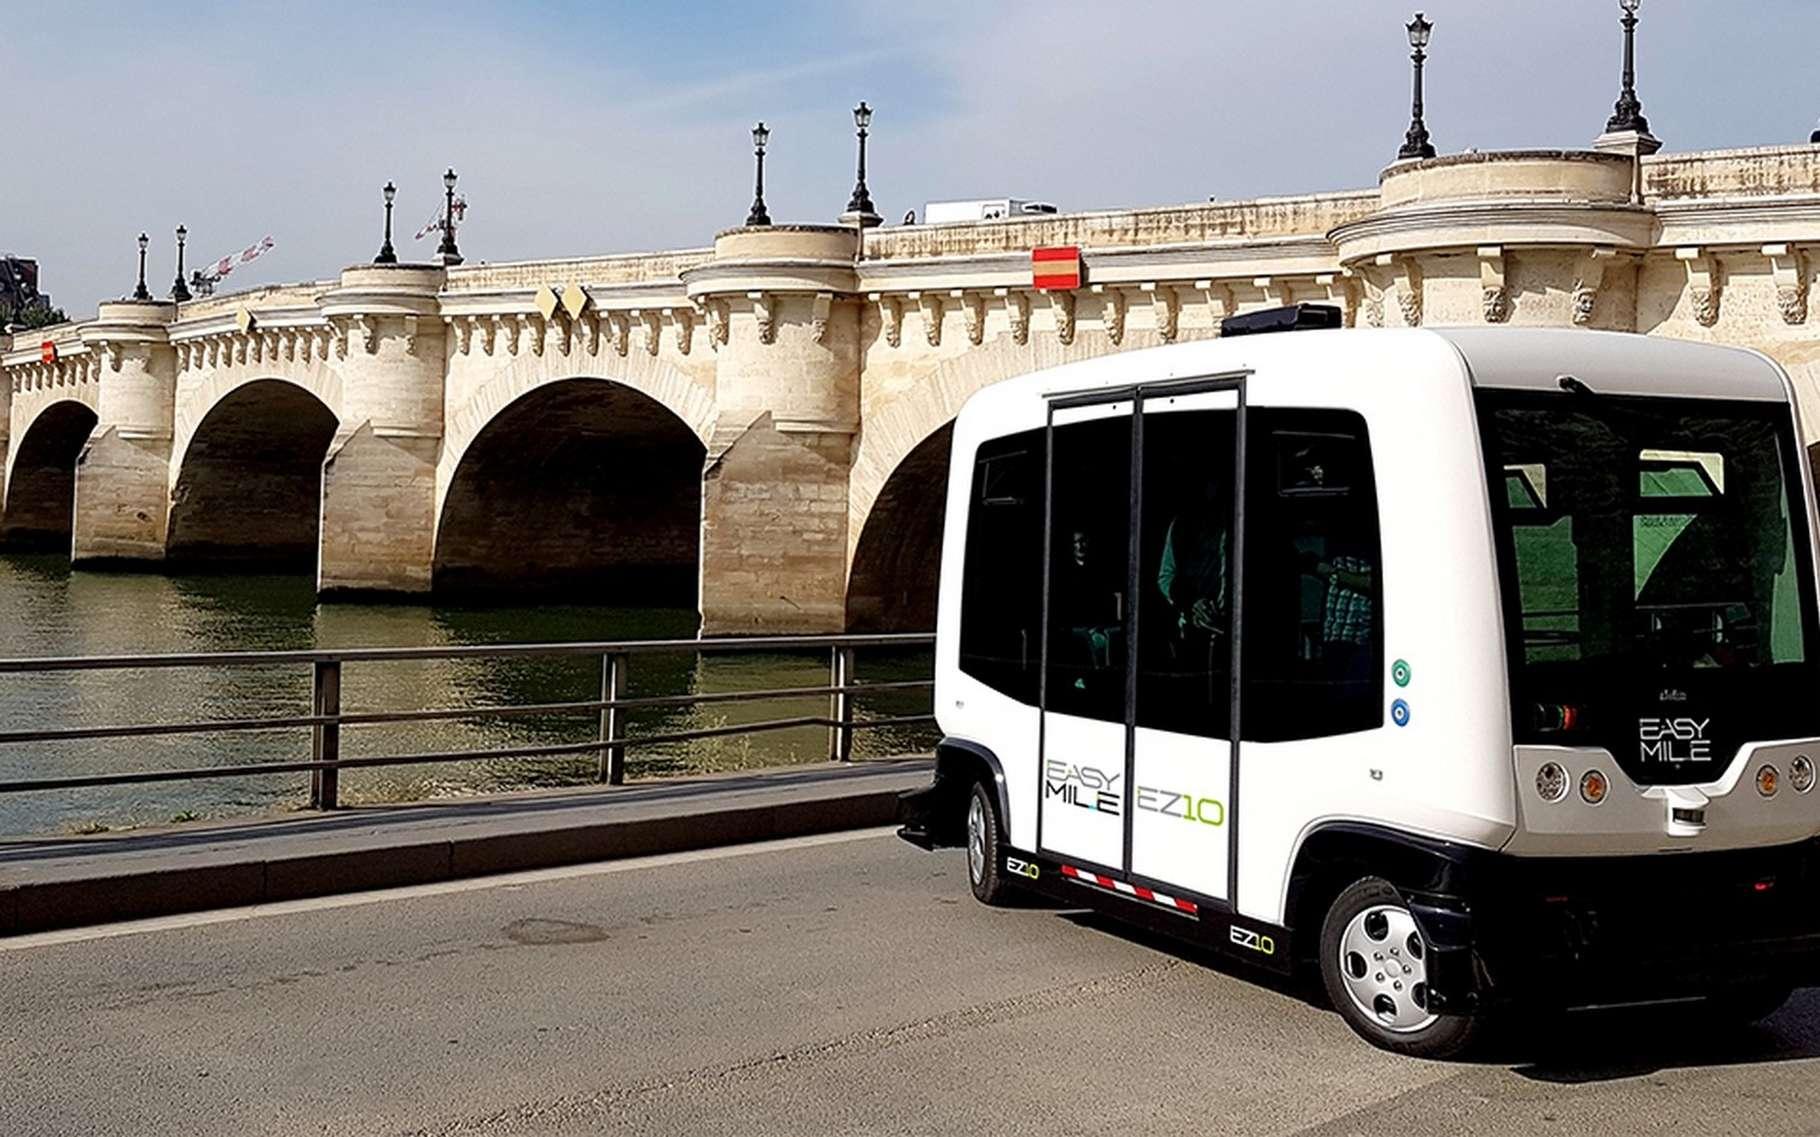 La RATP teste des navettes autonomes dans le bois de Vincennes. La navette électrique conçue par Easymile a par ailleurs commencé à relier les gares d'Austerlitz et de Lyon, dans Paris. © Easymile